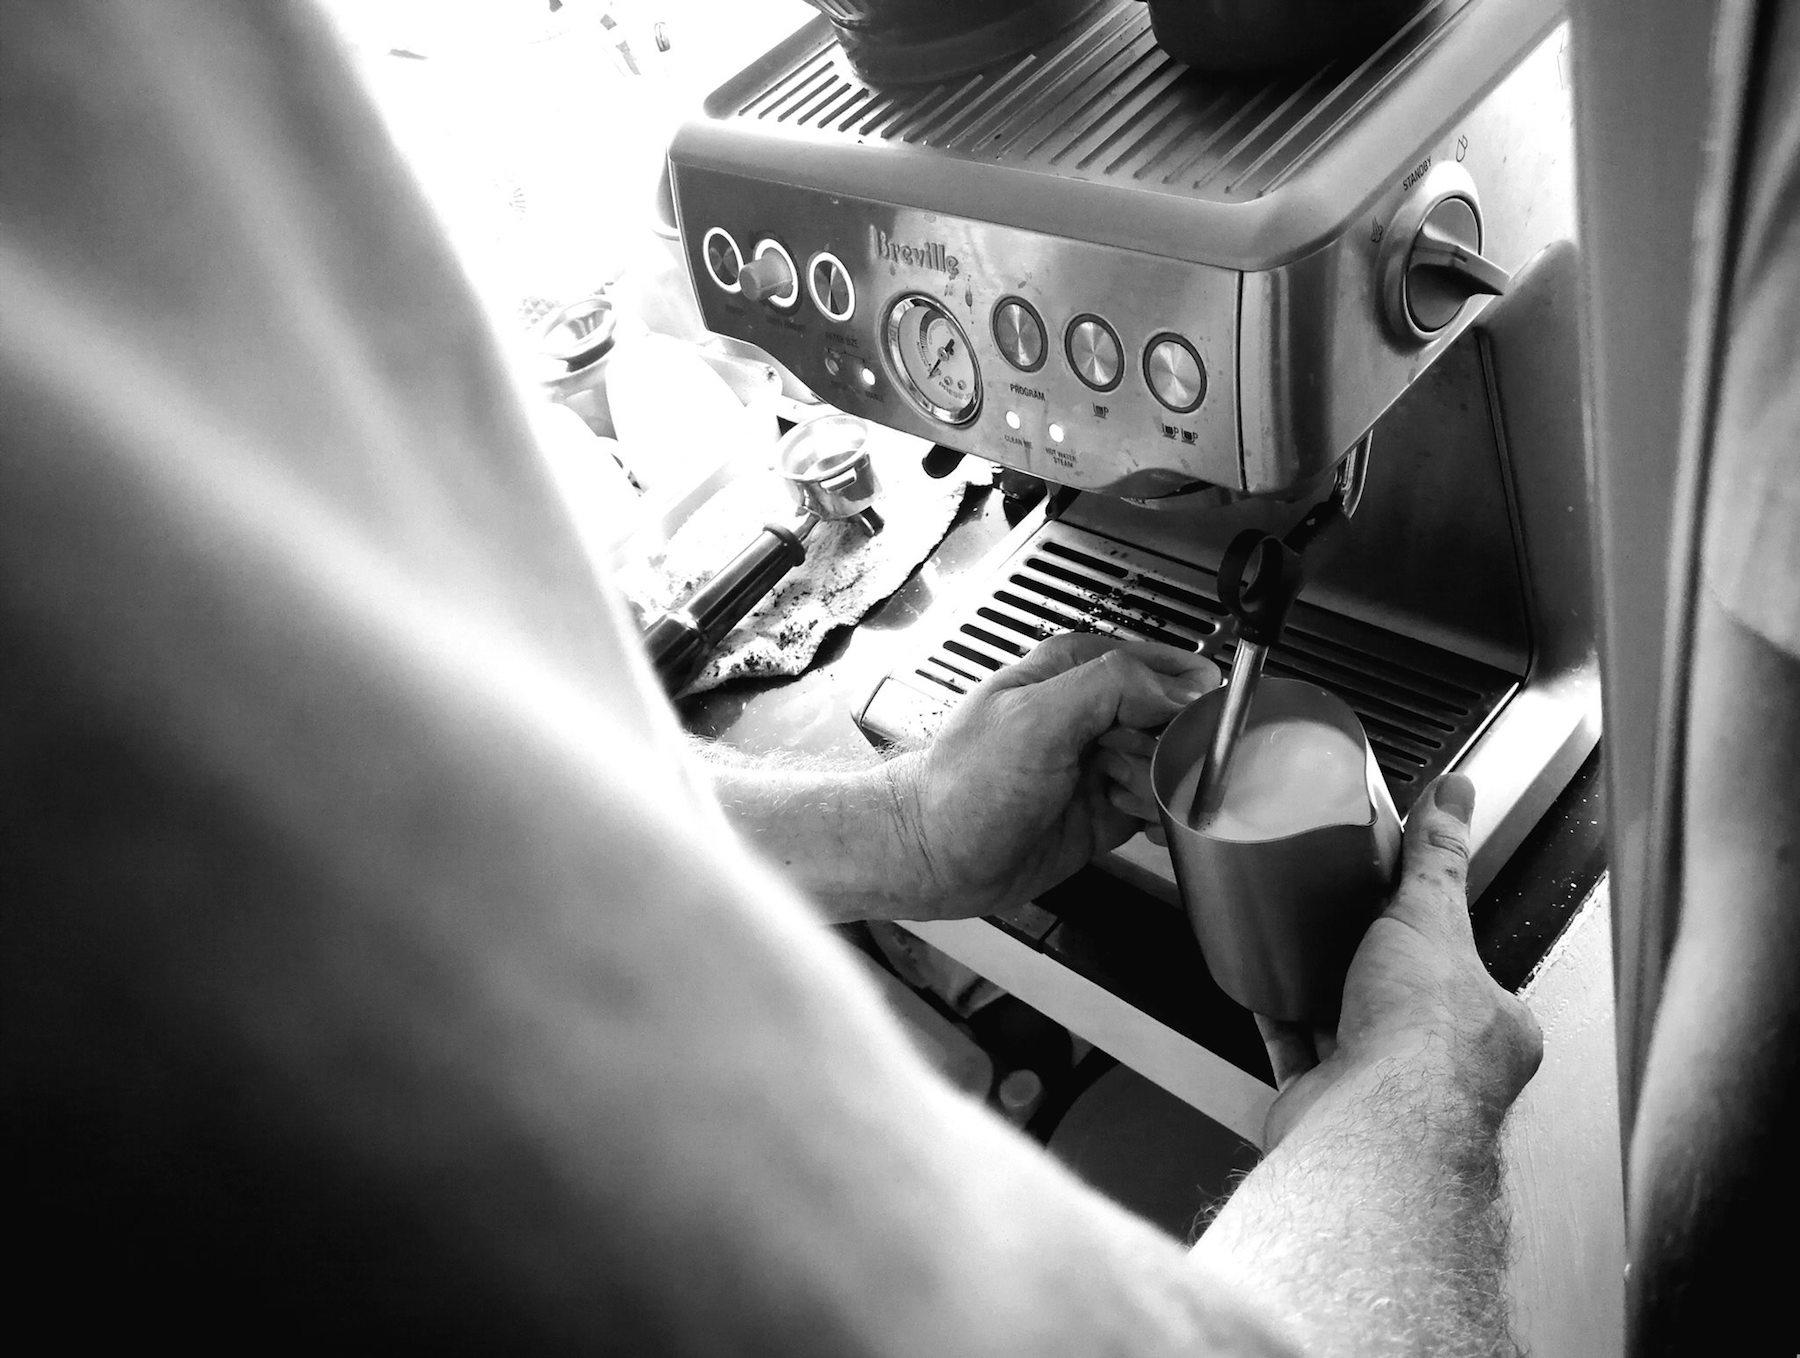 iglu_coffee_demo